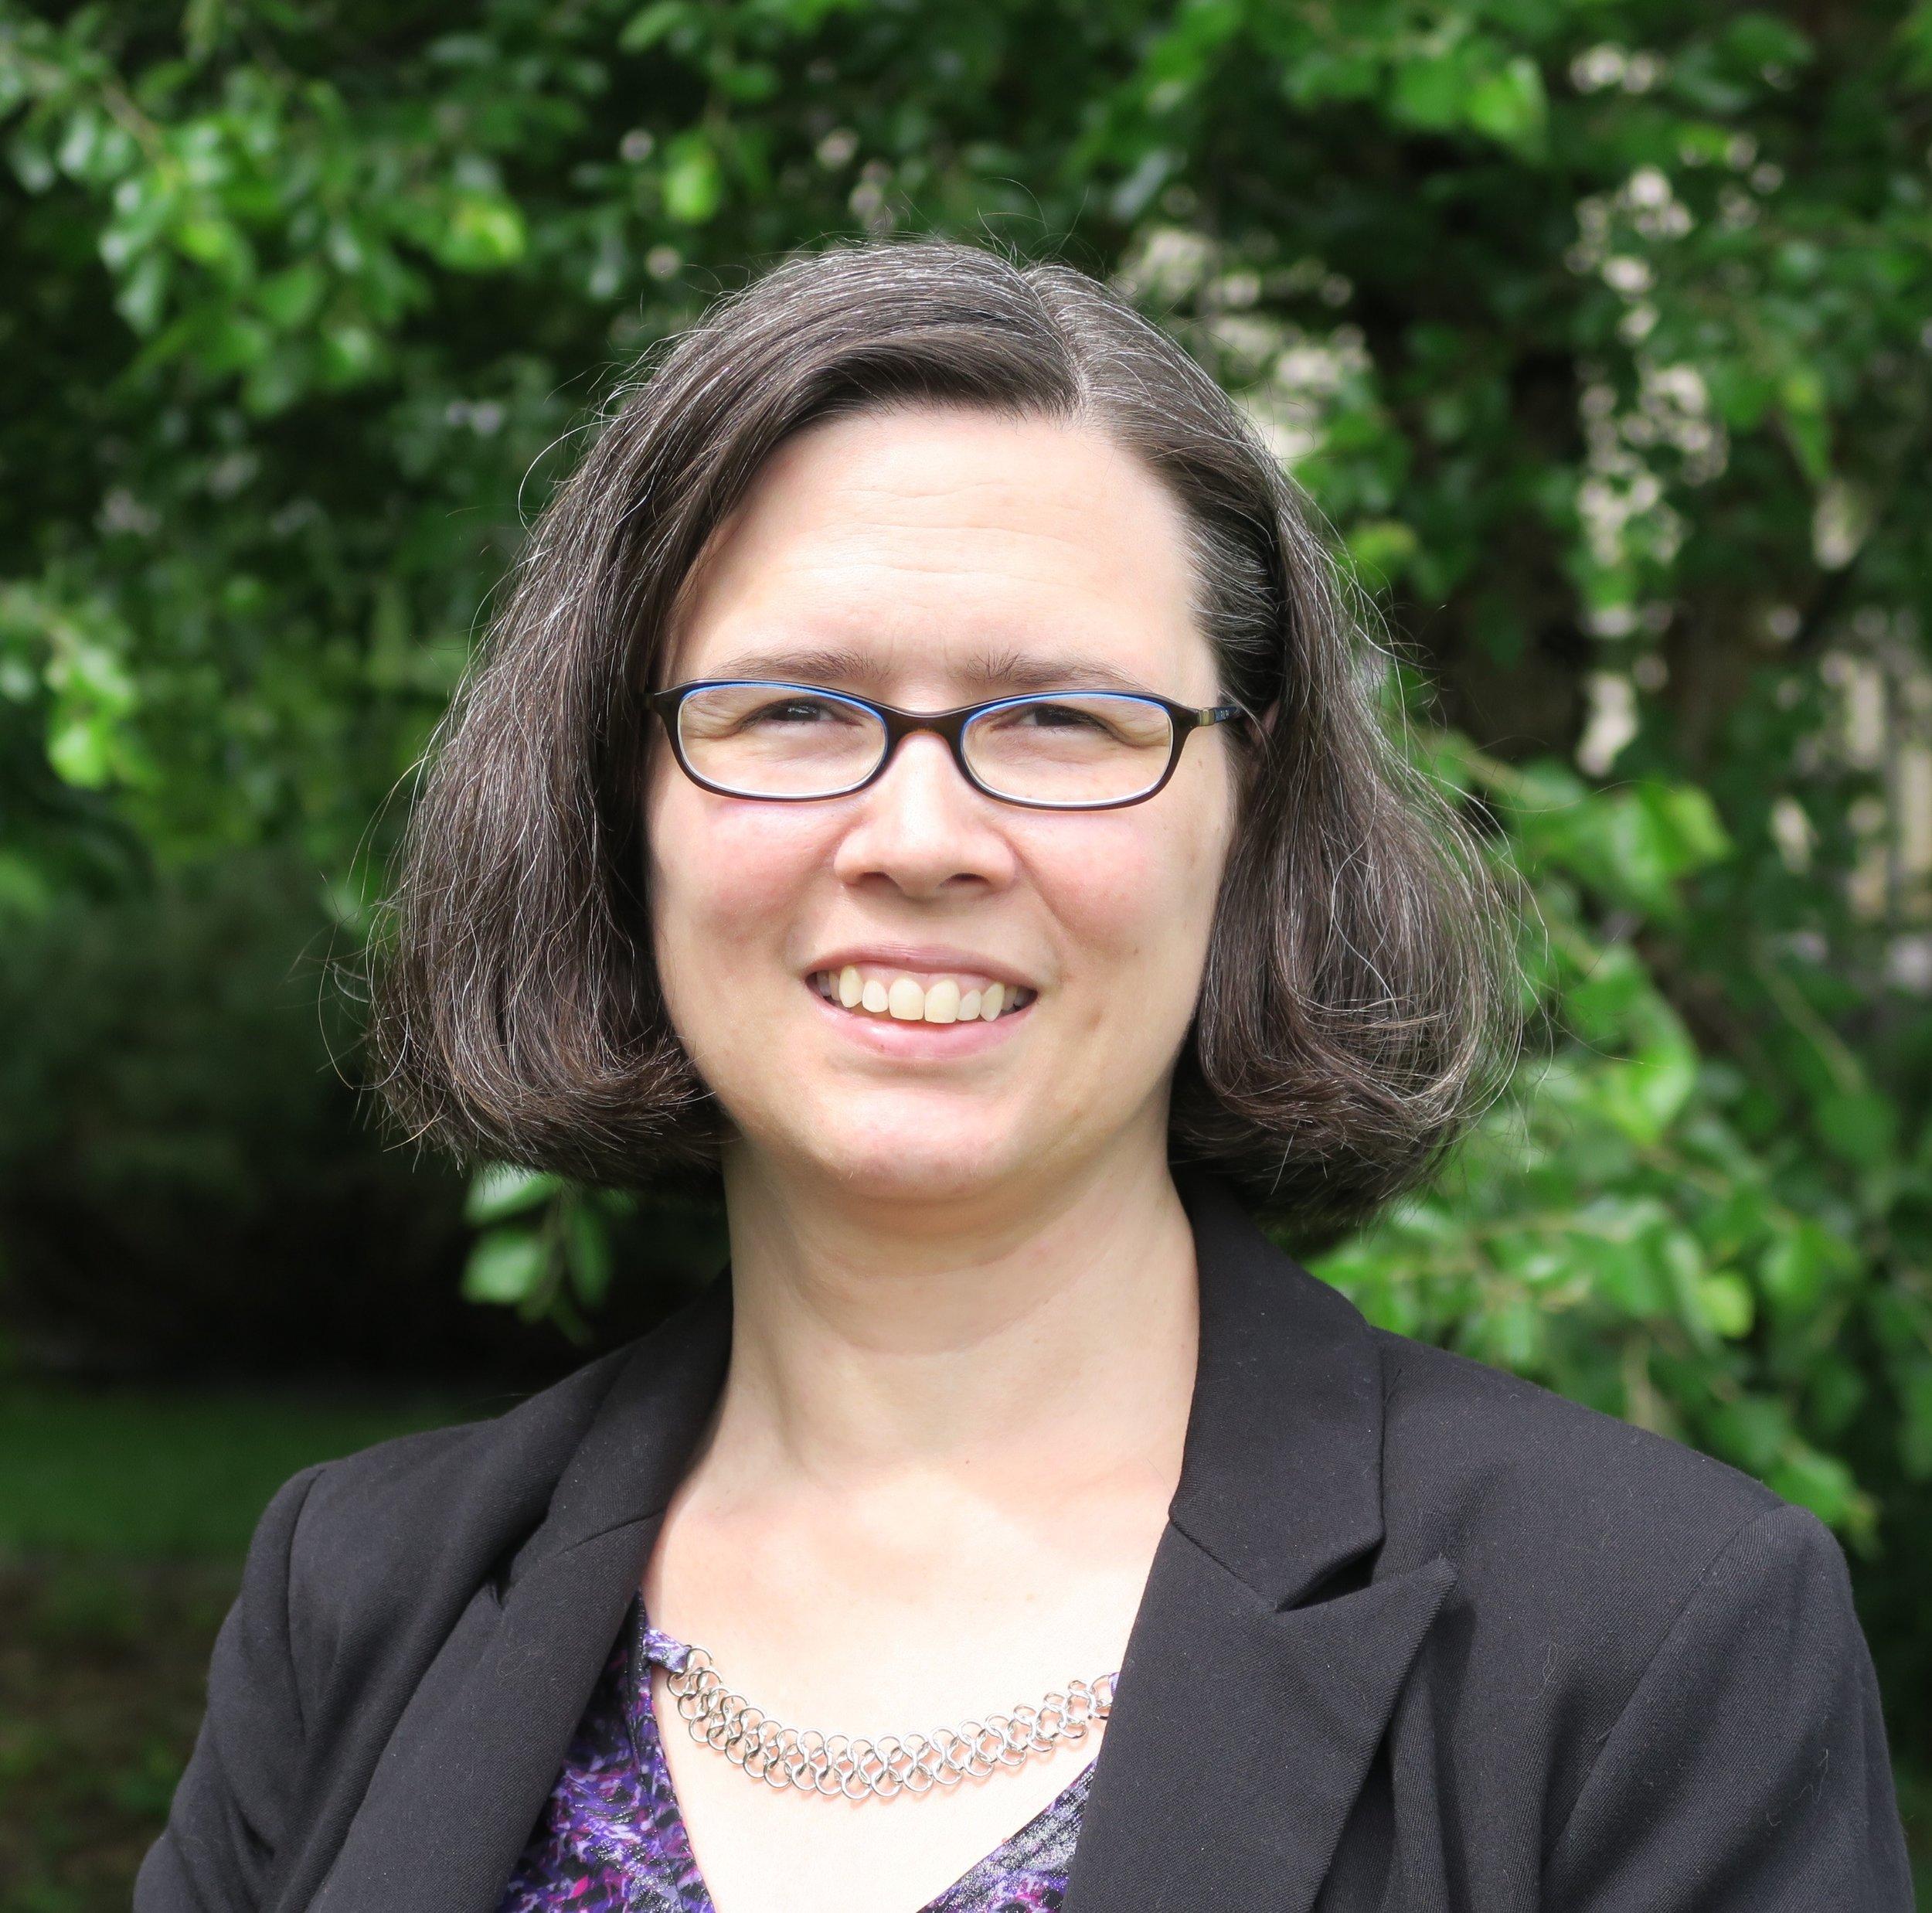 Melissa Amundsen